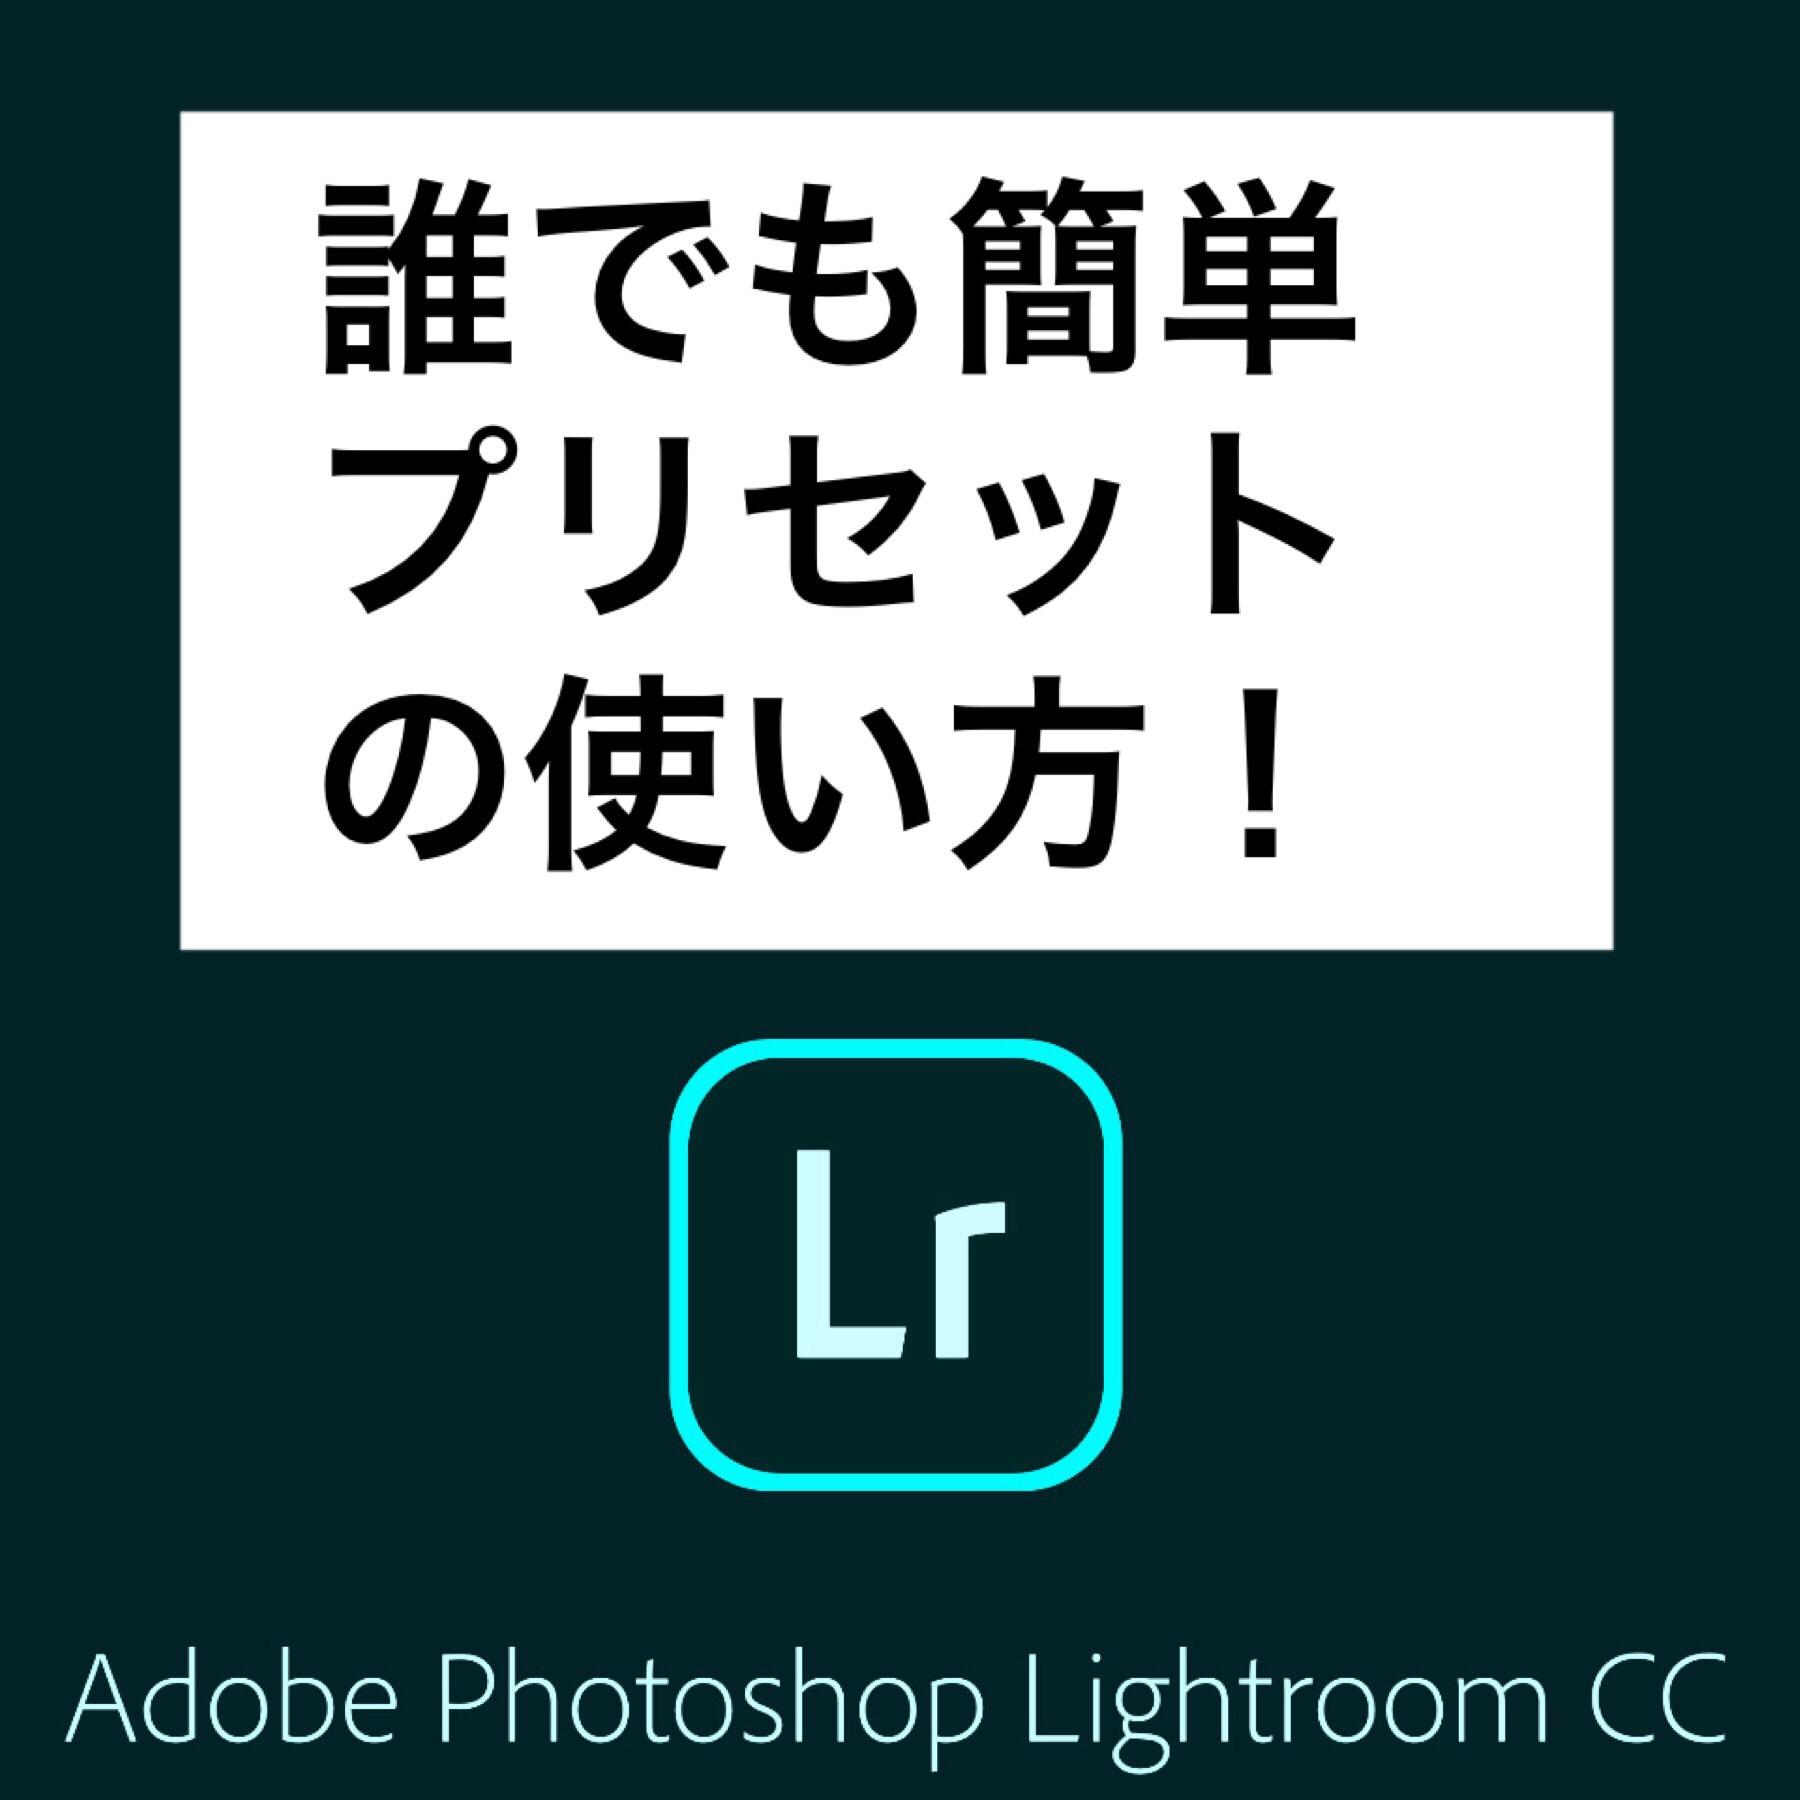 誰でも簡単にできる!Lightroom(ライトルーム)のプリセット(フィルター)の使い方!